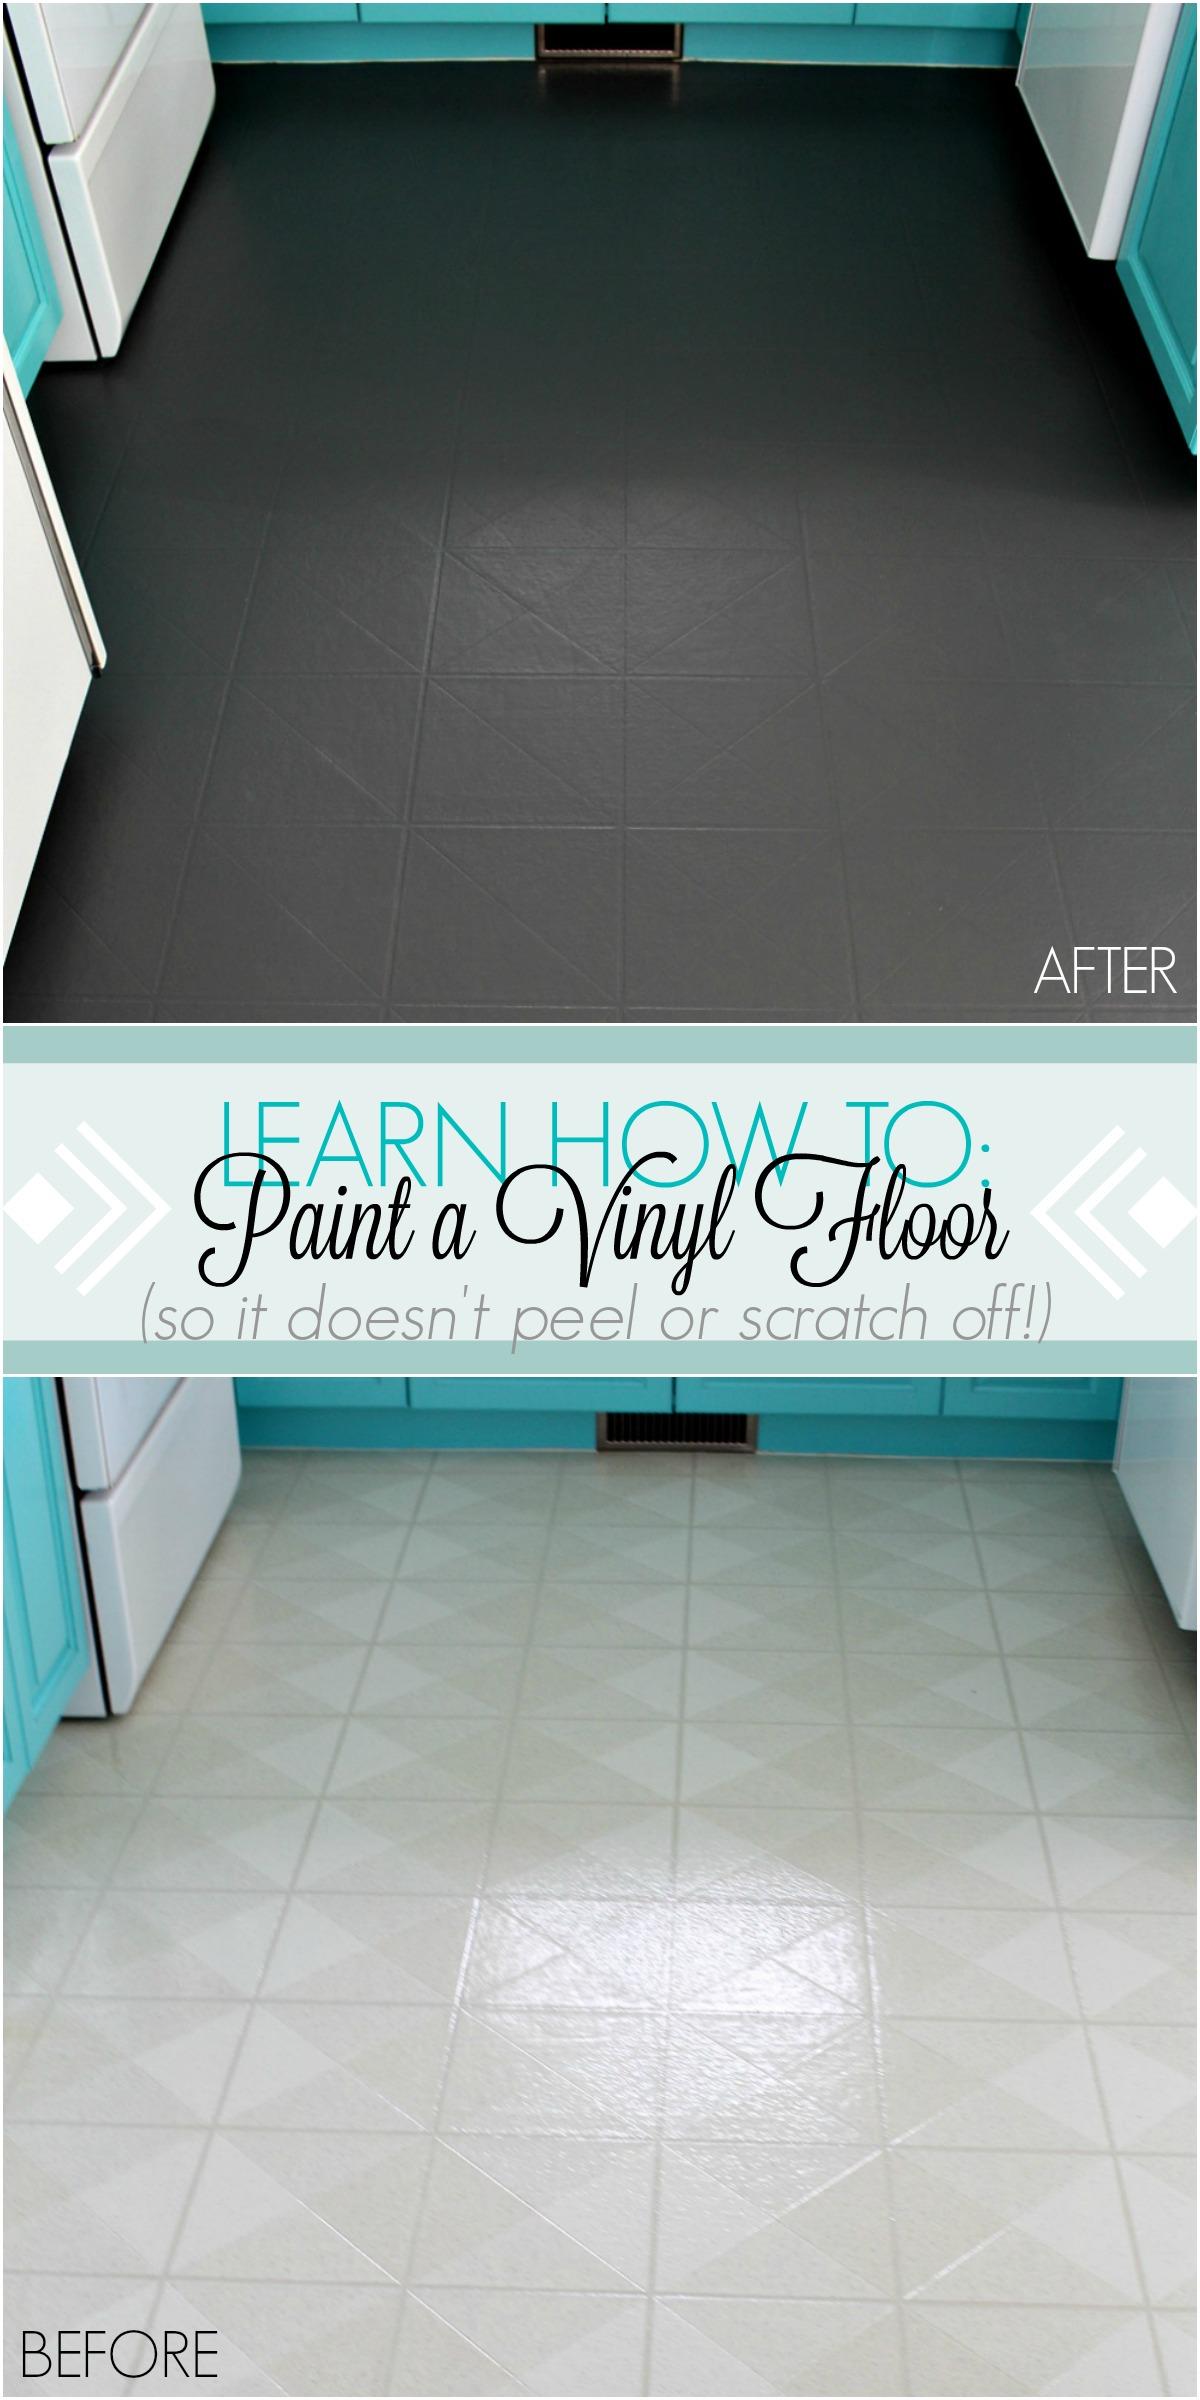 How to Paint a Vinyl Floor